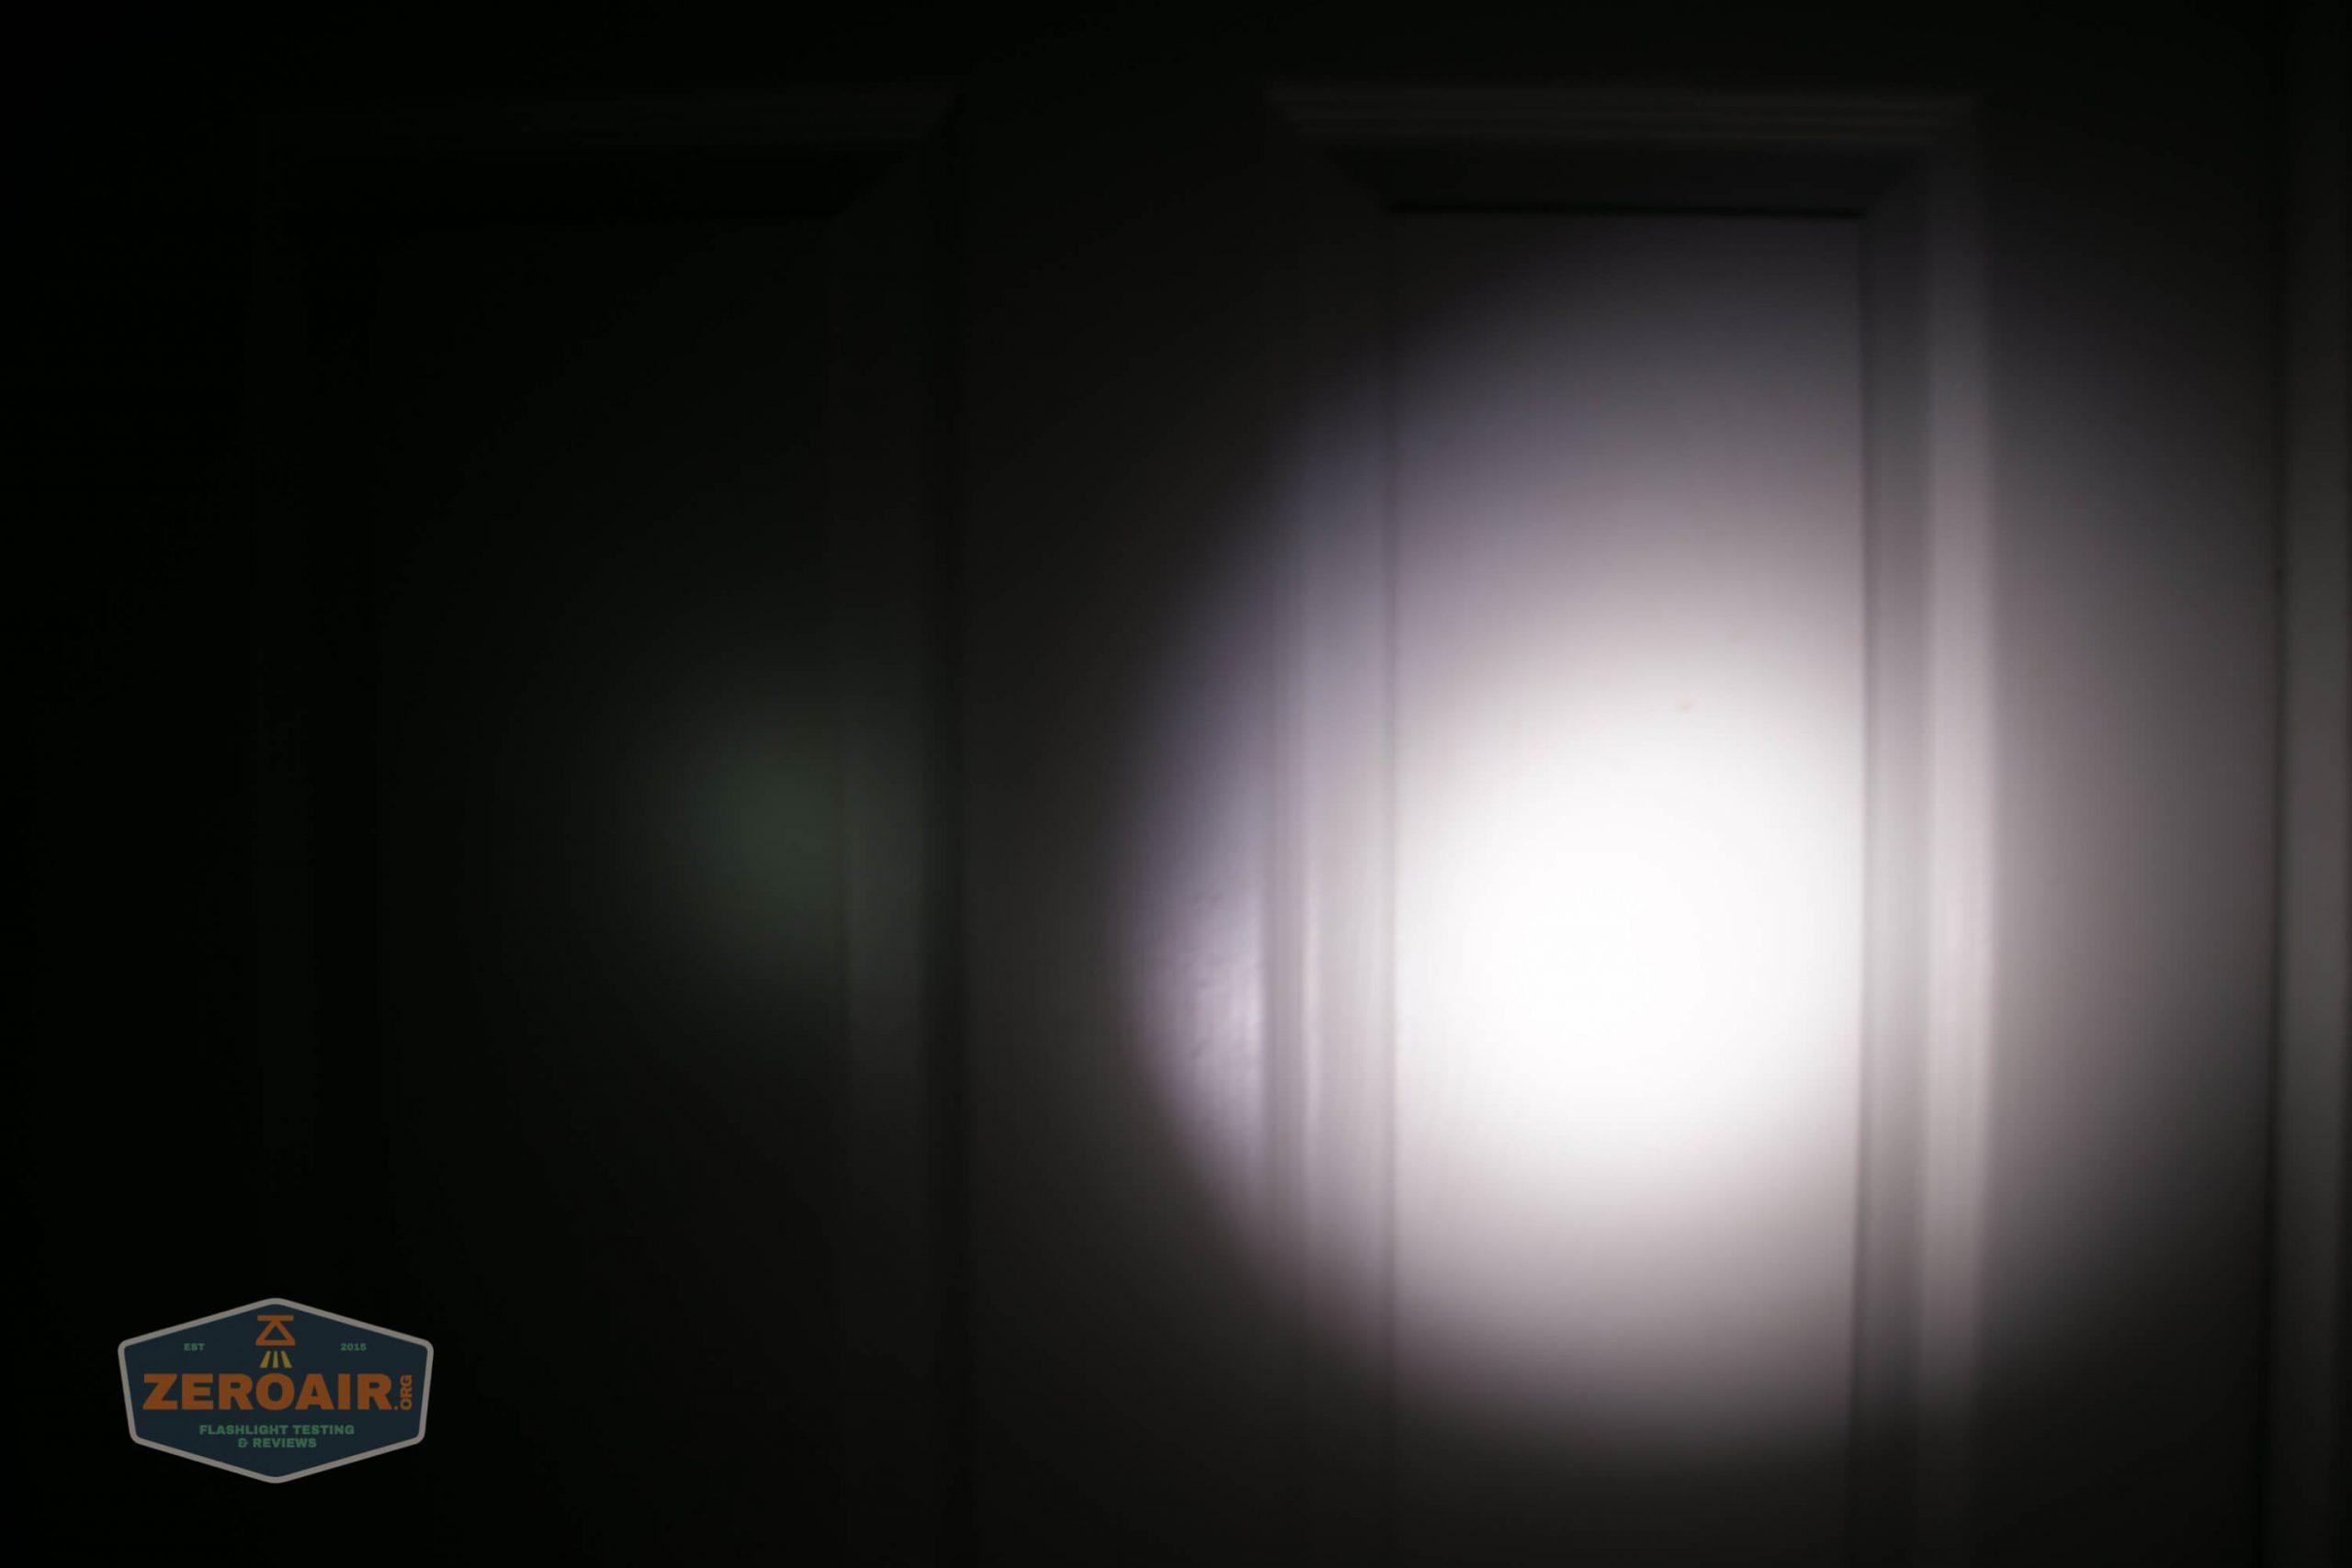 thrunite tt20 the outsider red 21700 flashlight beamshots door 1